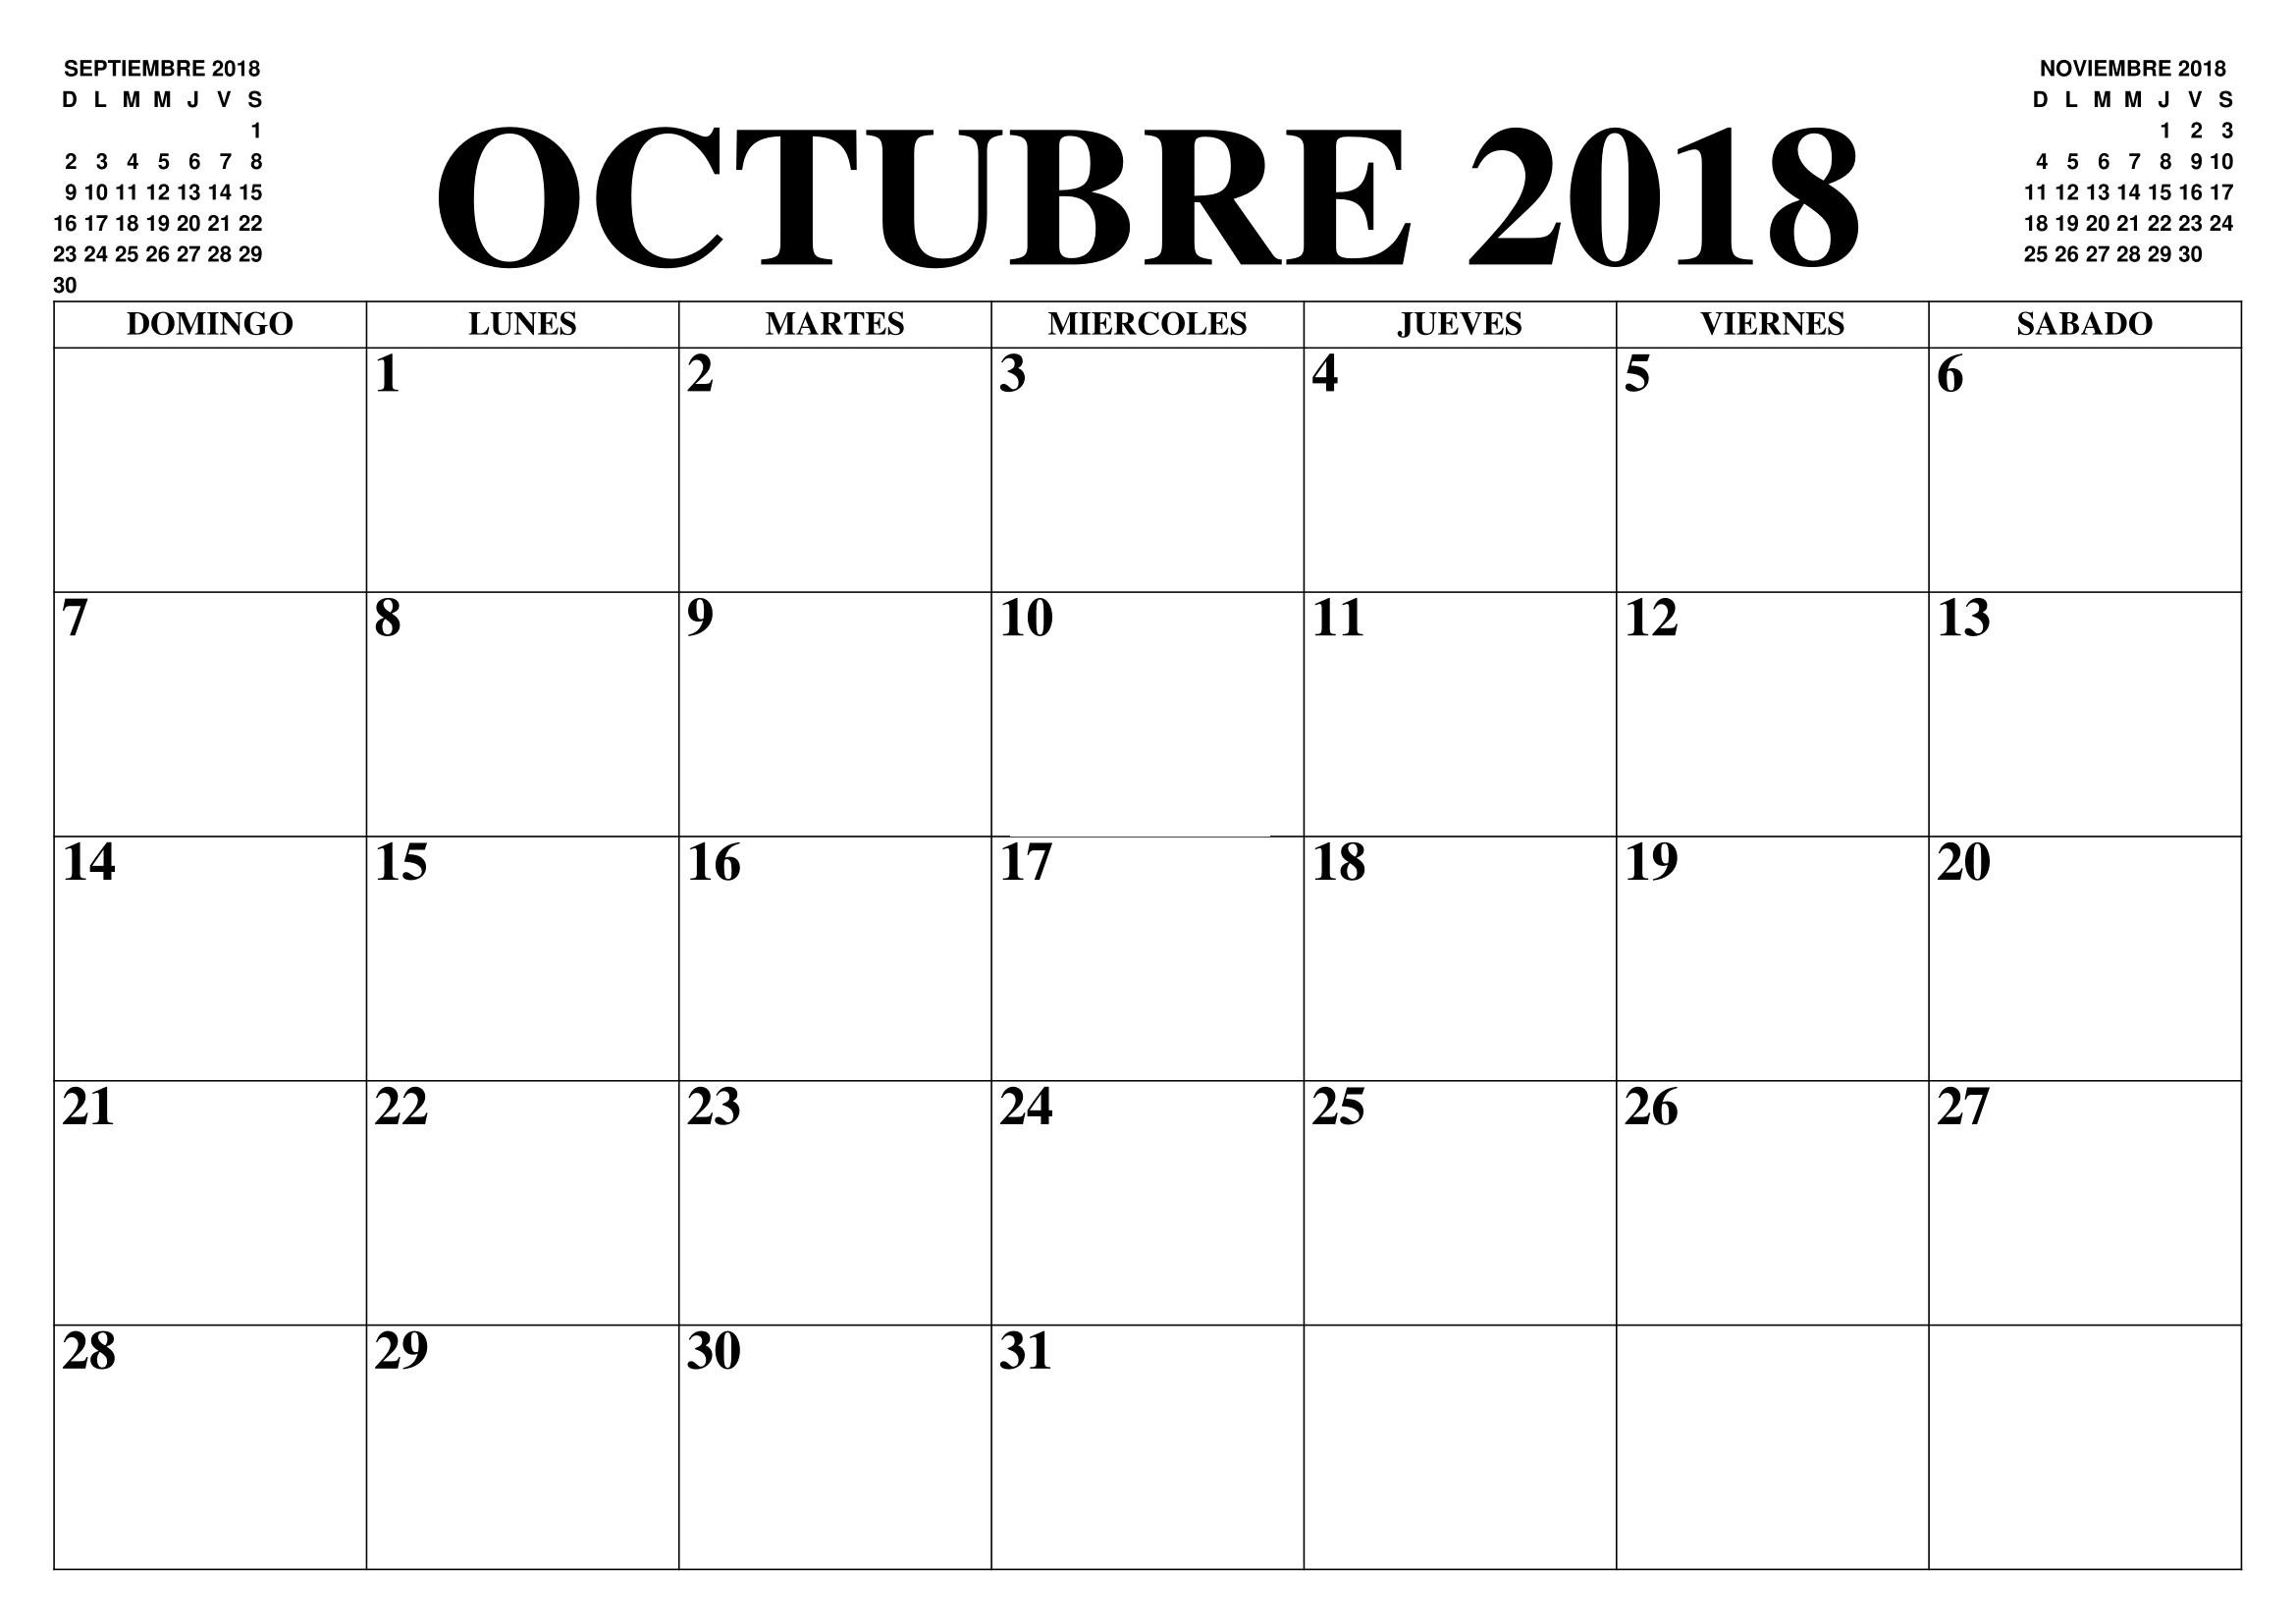 Mes Octubre